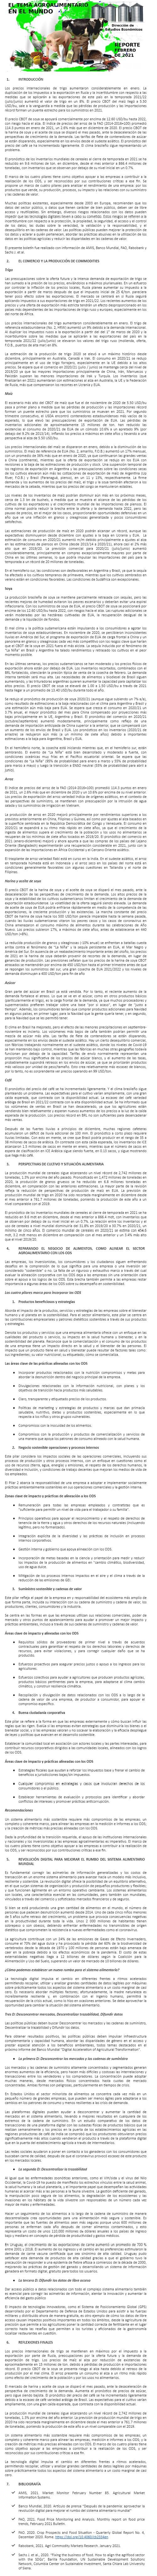 REPORTE: EL TEMA AGROALIMENTARIO EN EL MUNDO, FEBRERO 2021.